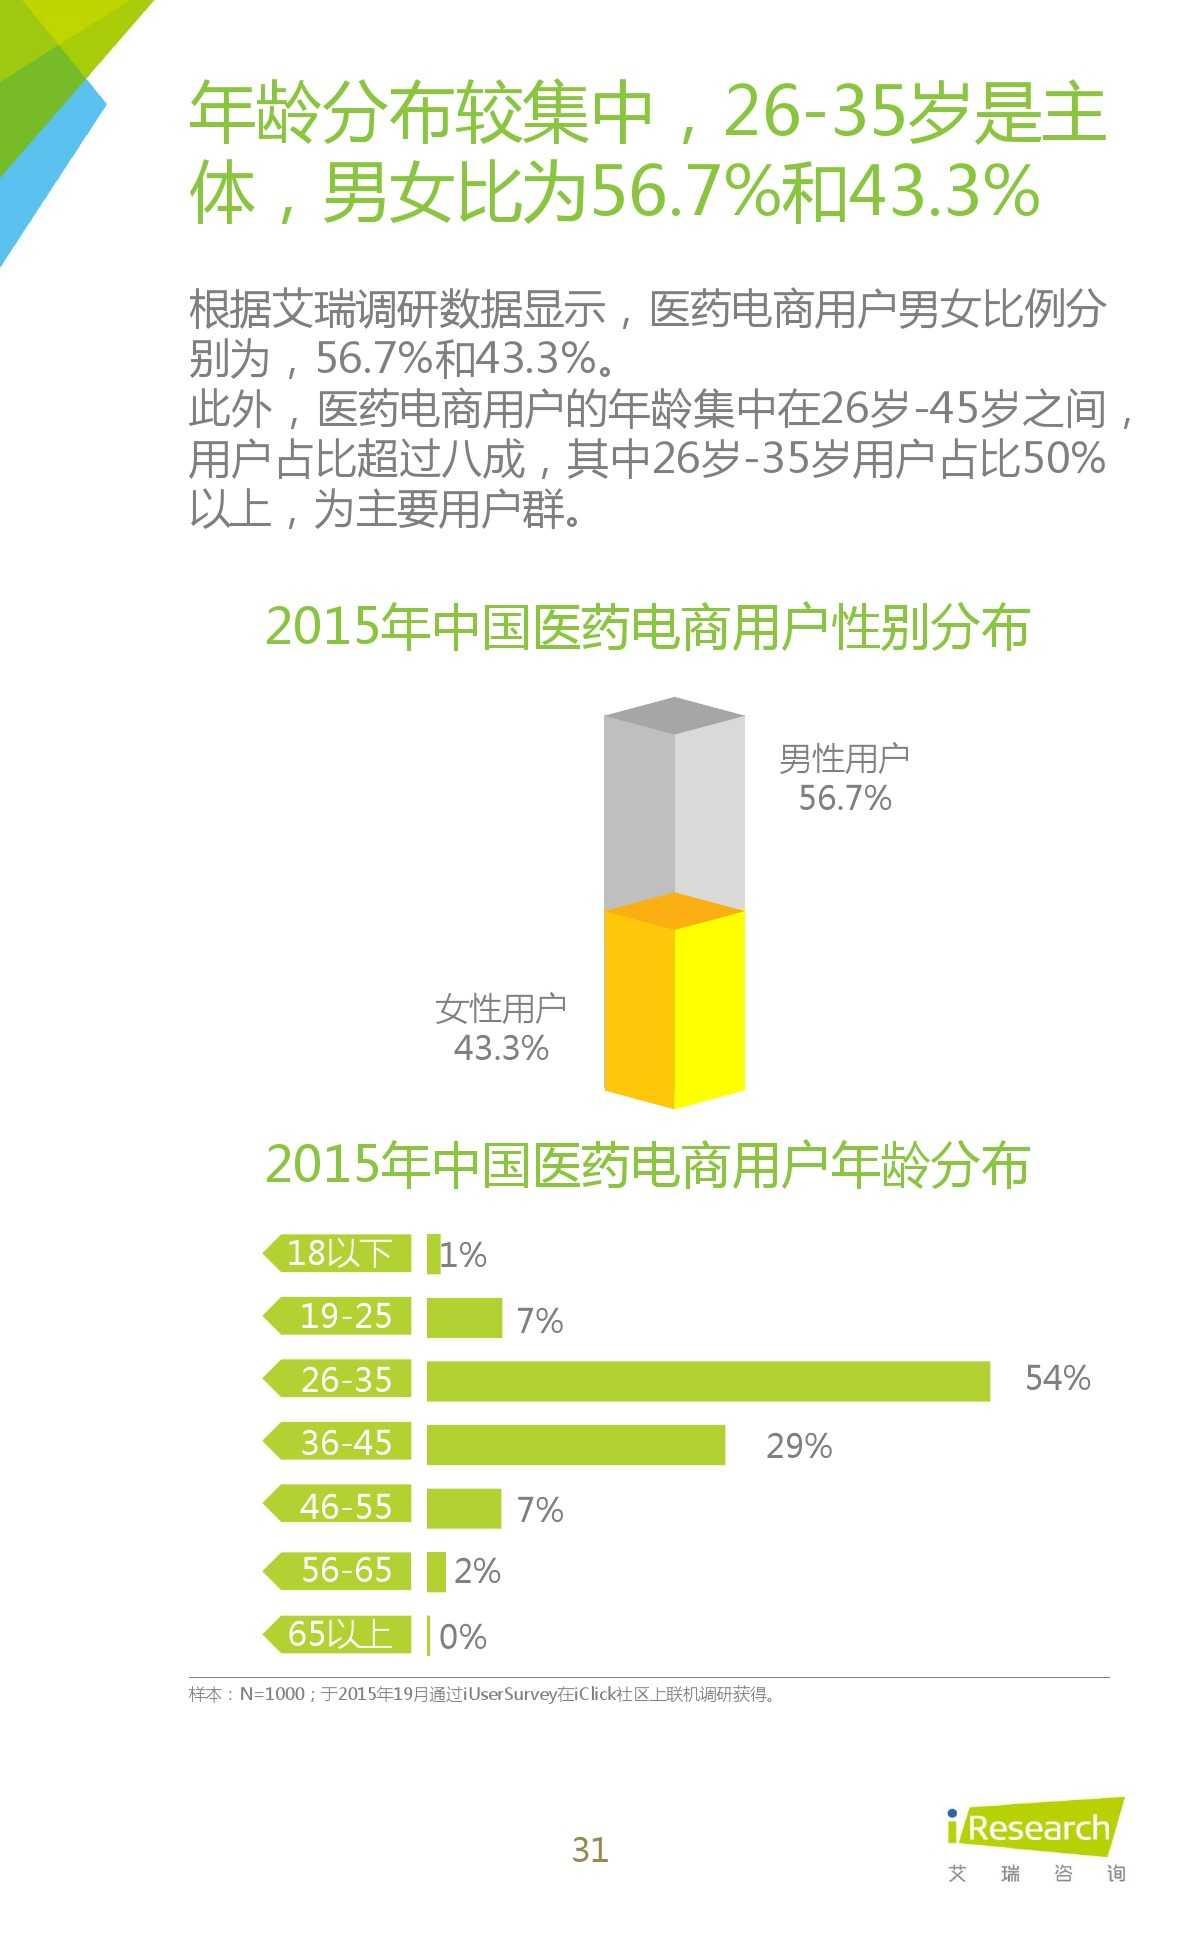 2015年中国医药电商用户行为研究报告_000031